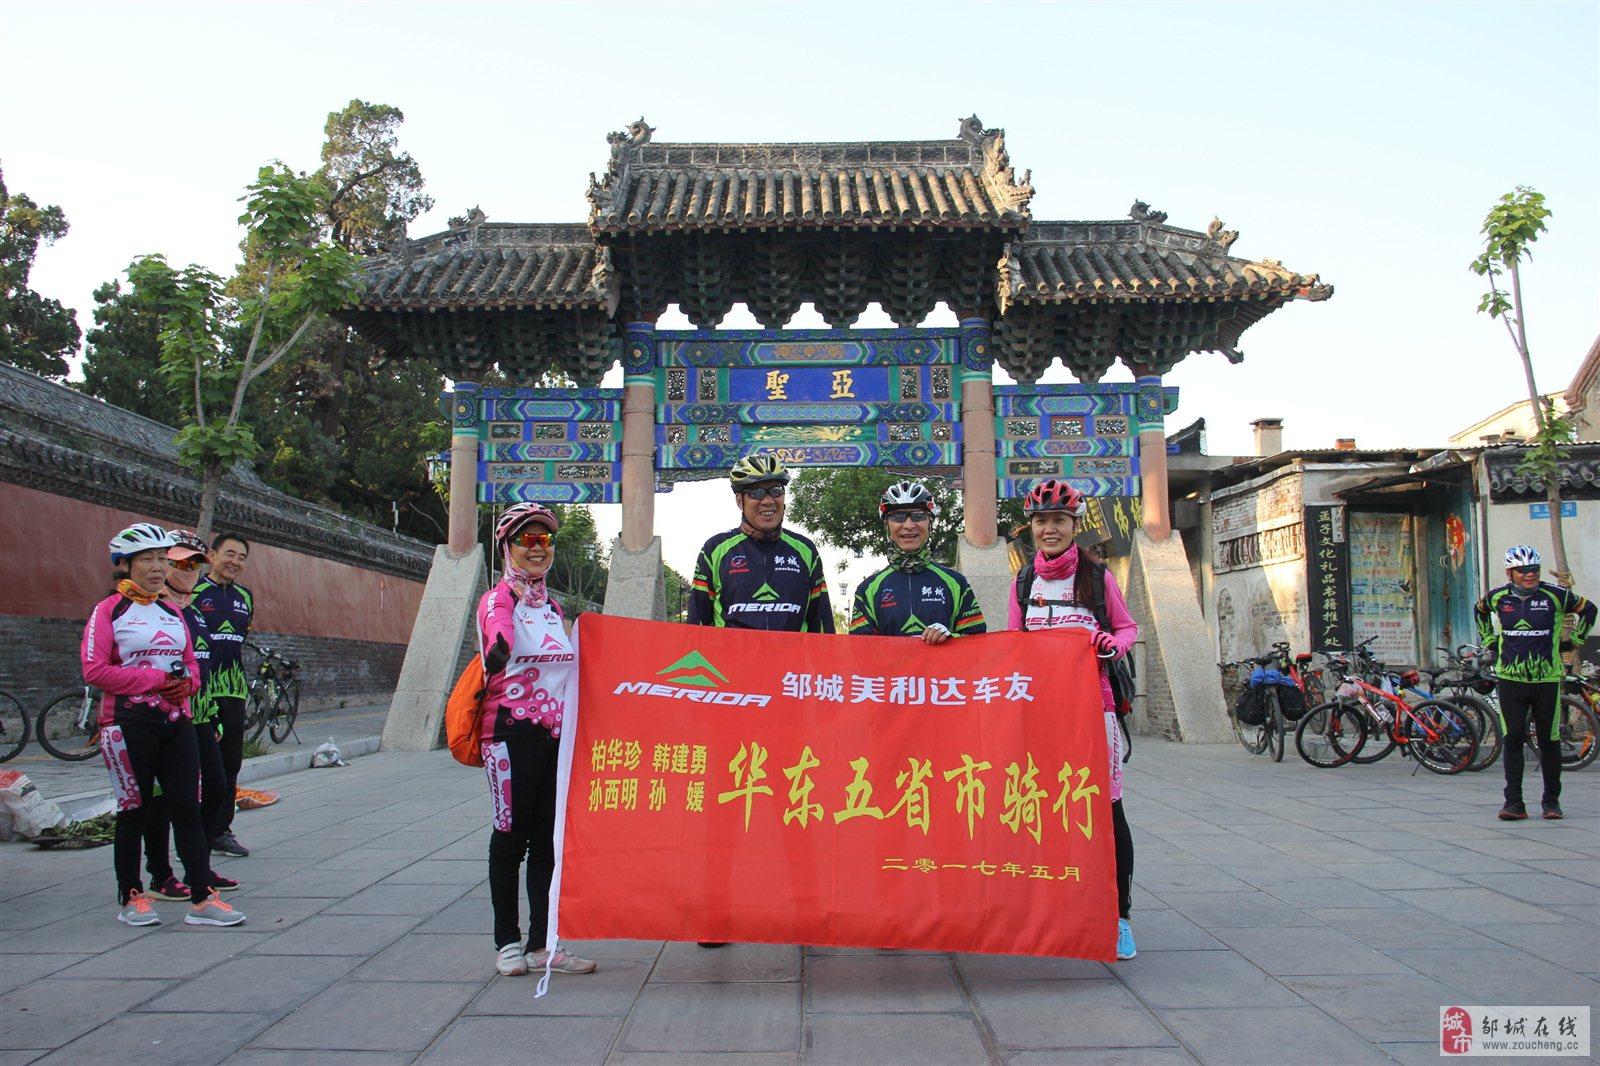 20170525:美利达车友隆重欢送骑行华东五省一市的车友!